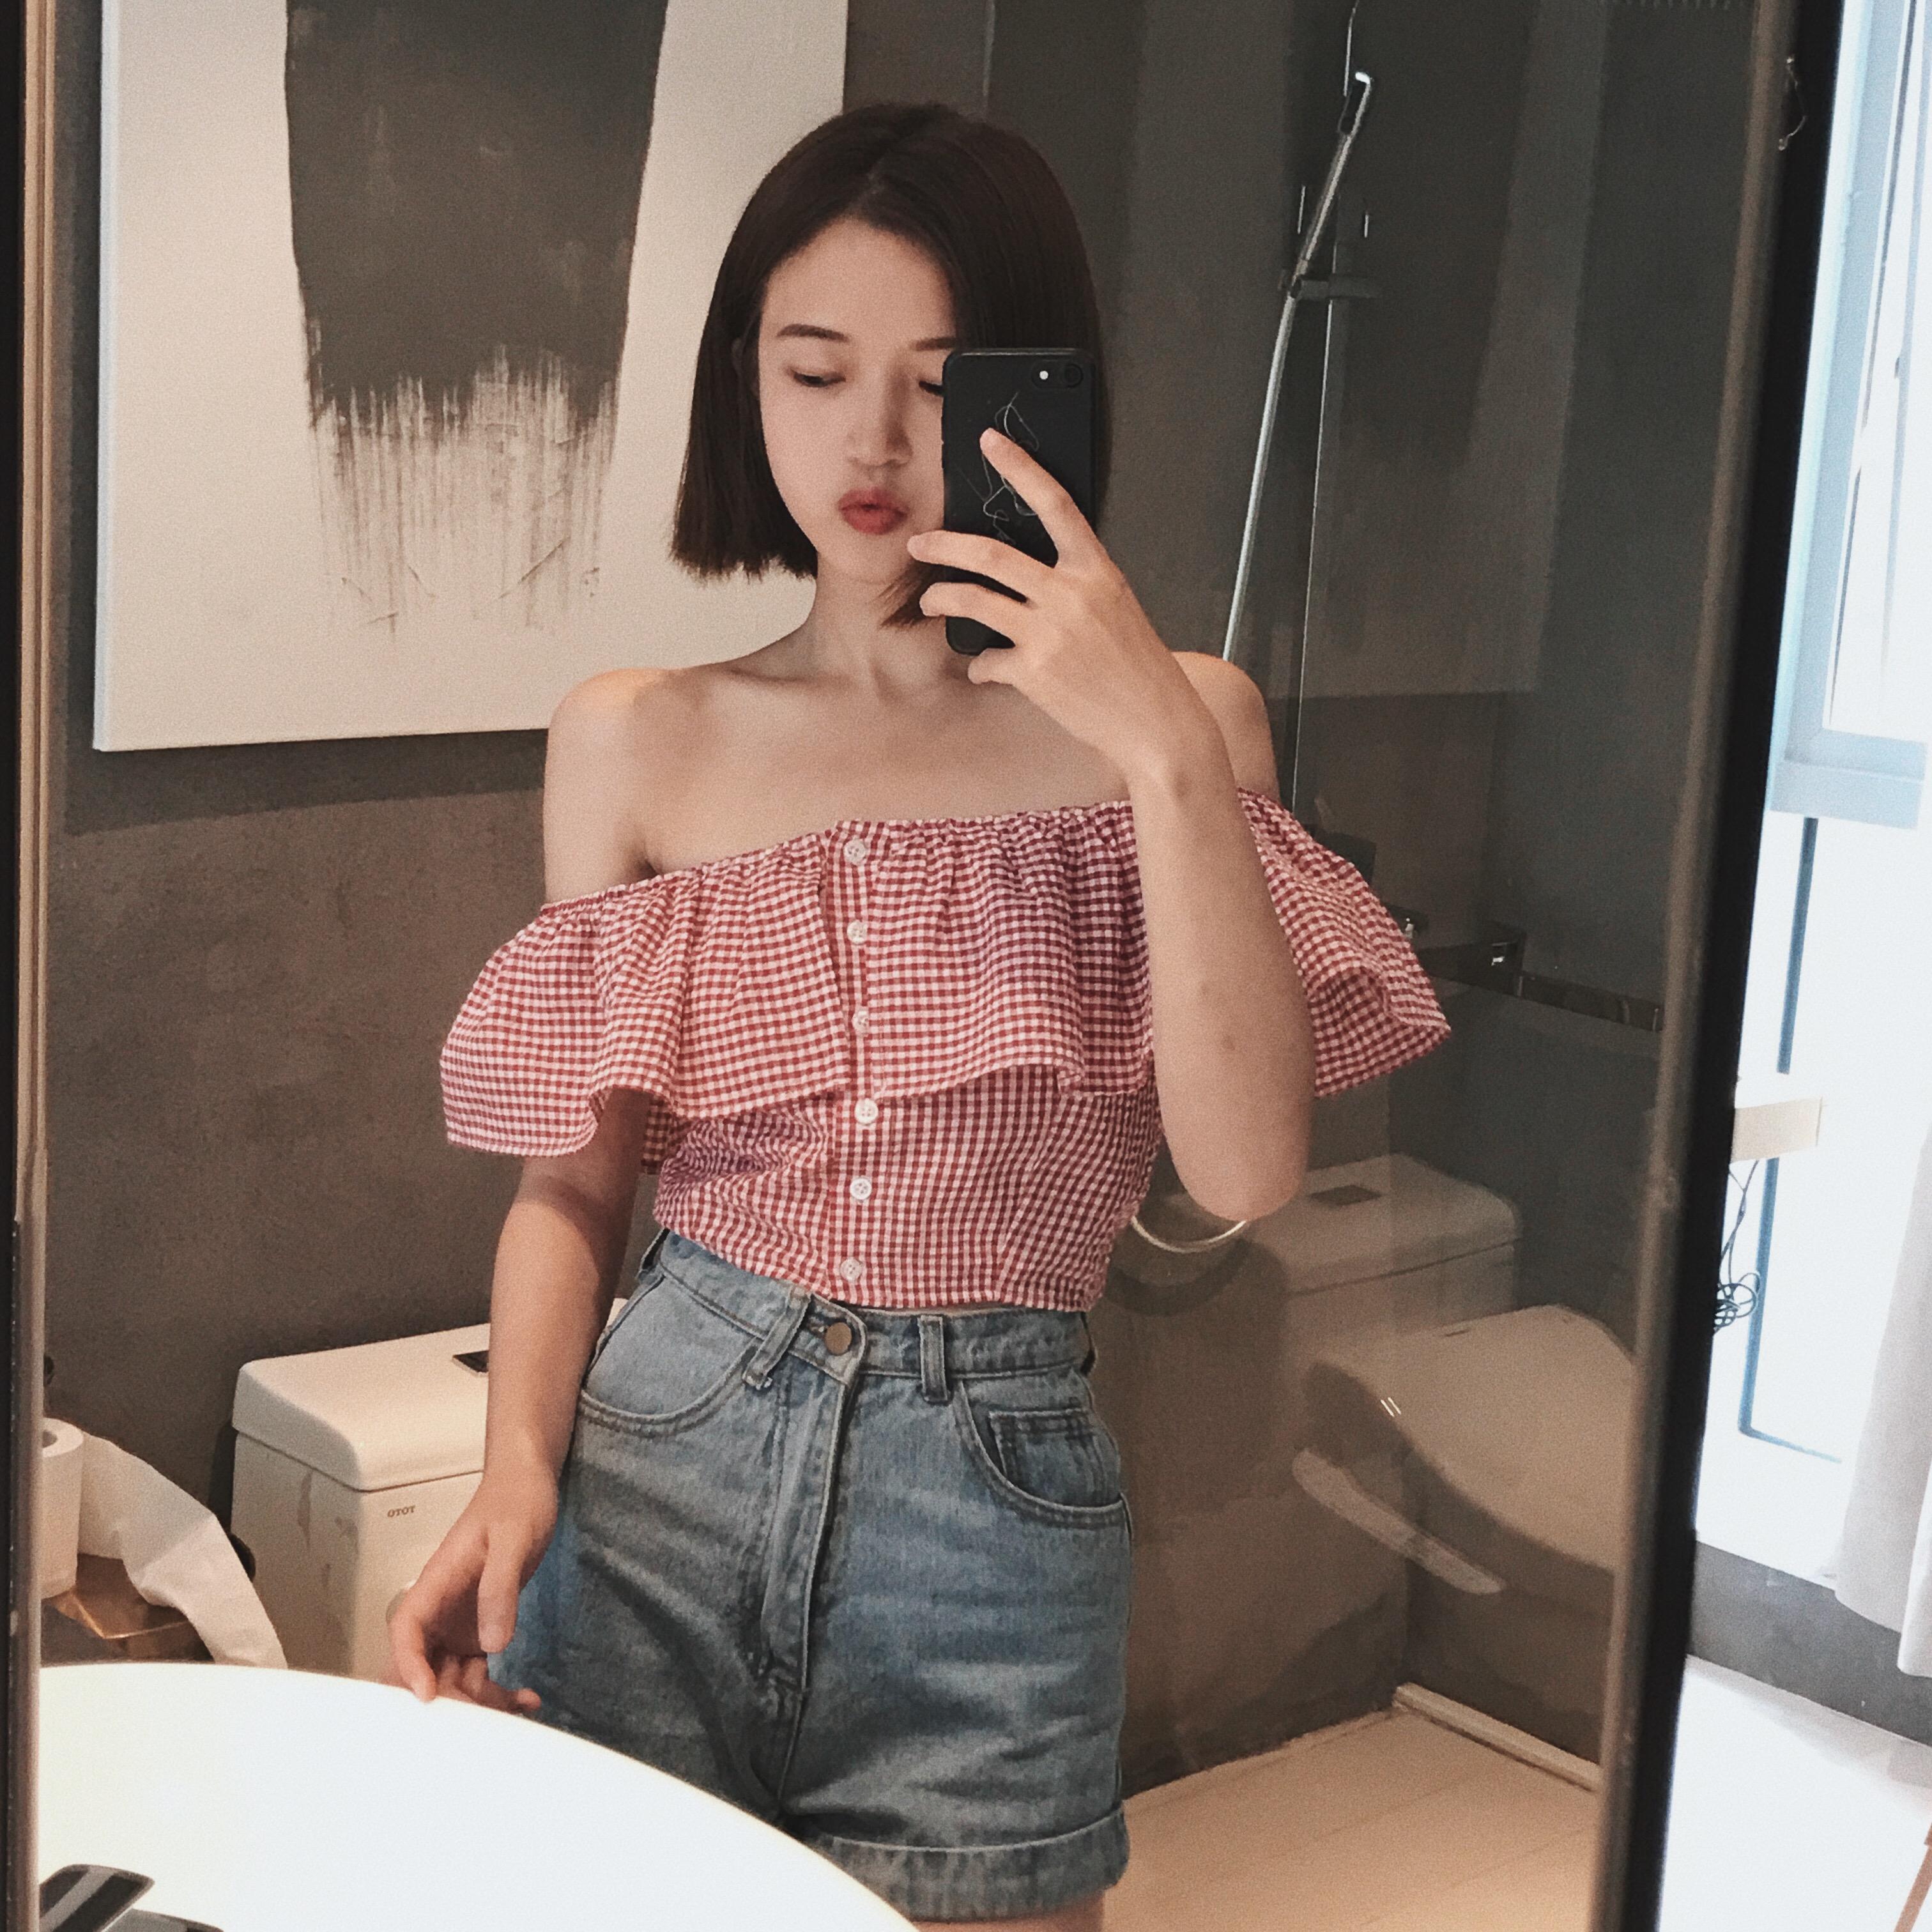 夏裝韓版復古一字領露肩格子襯衫百搭荷葉邊單排扣短款上衣女裝潮